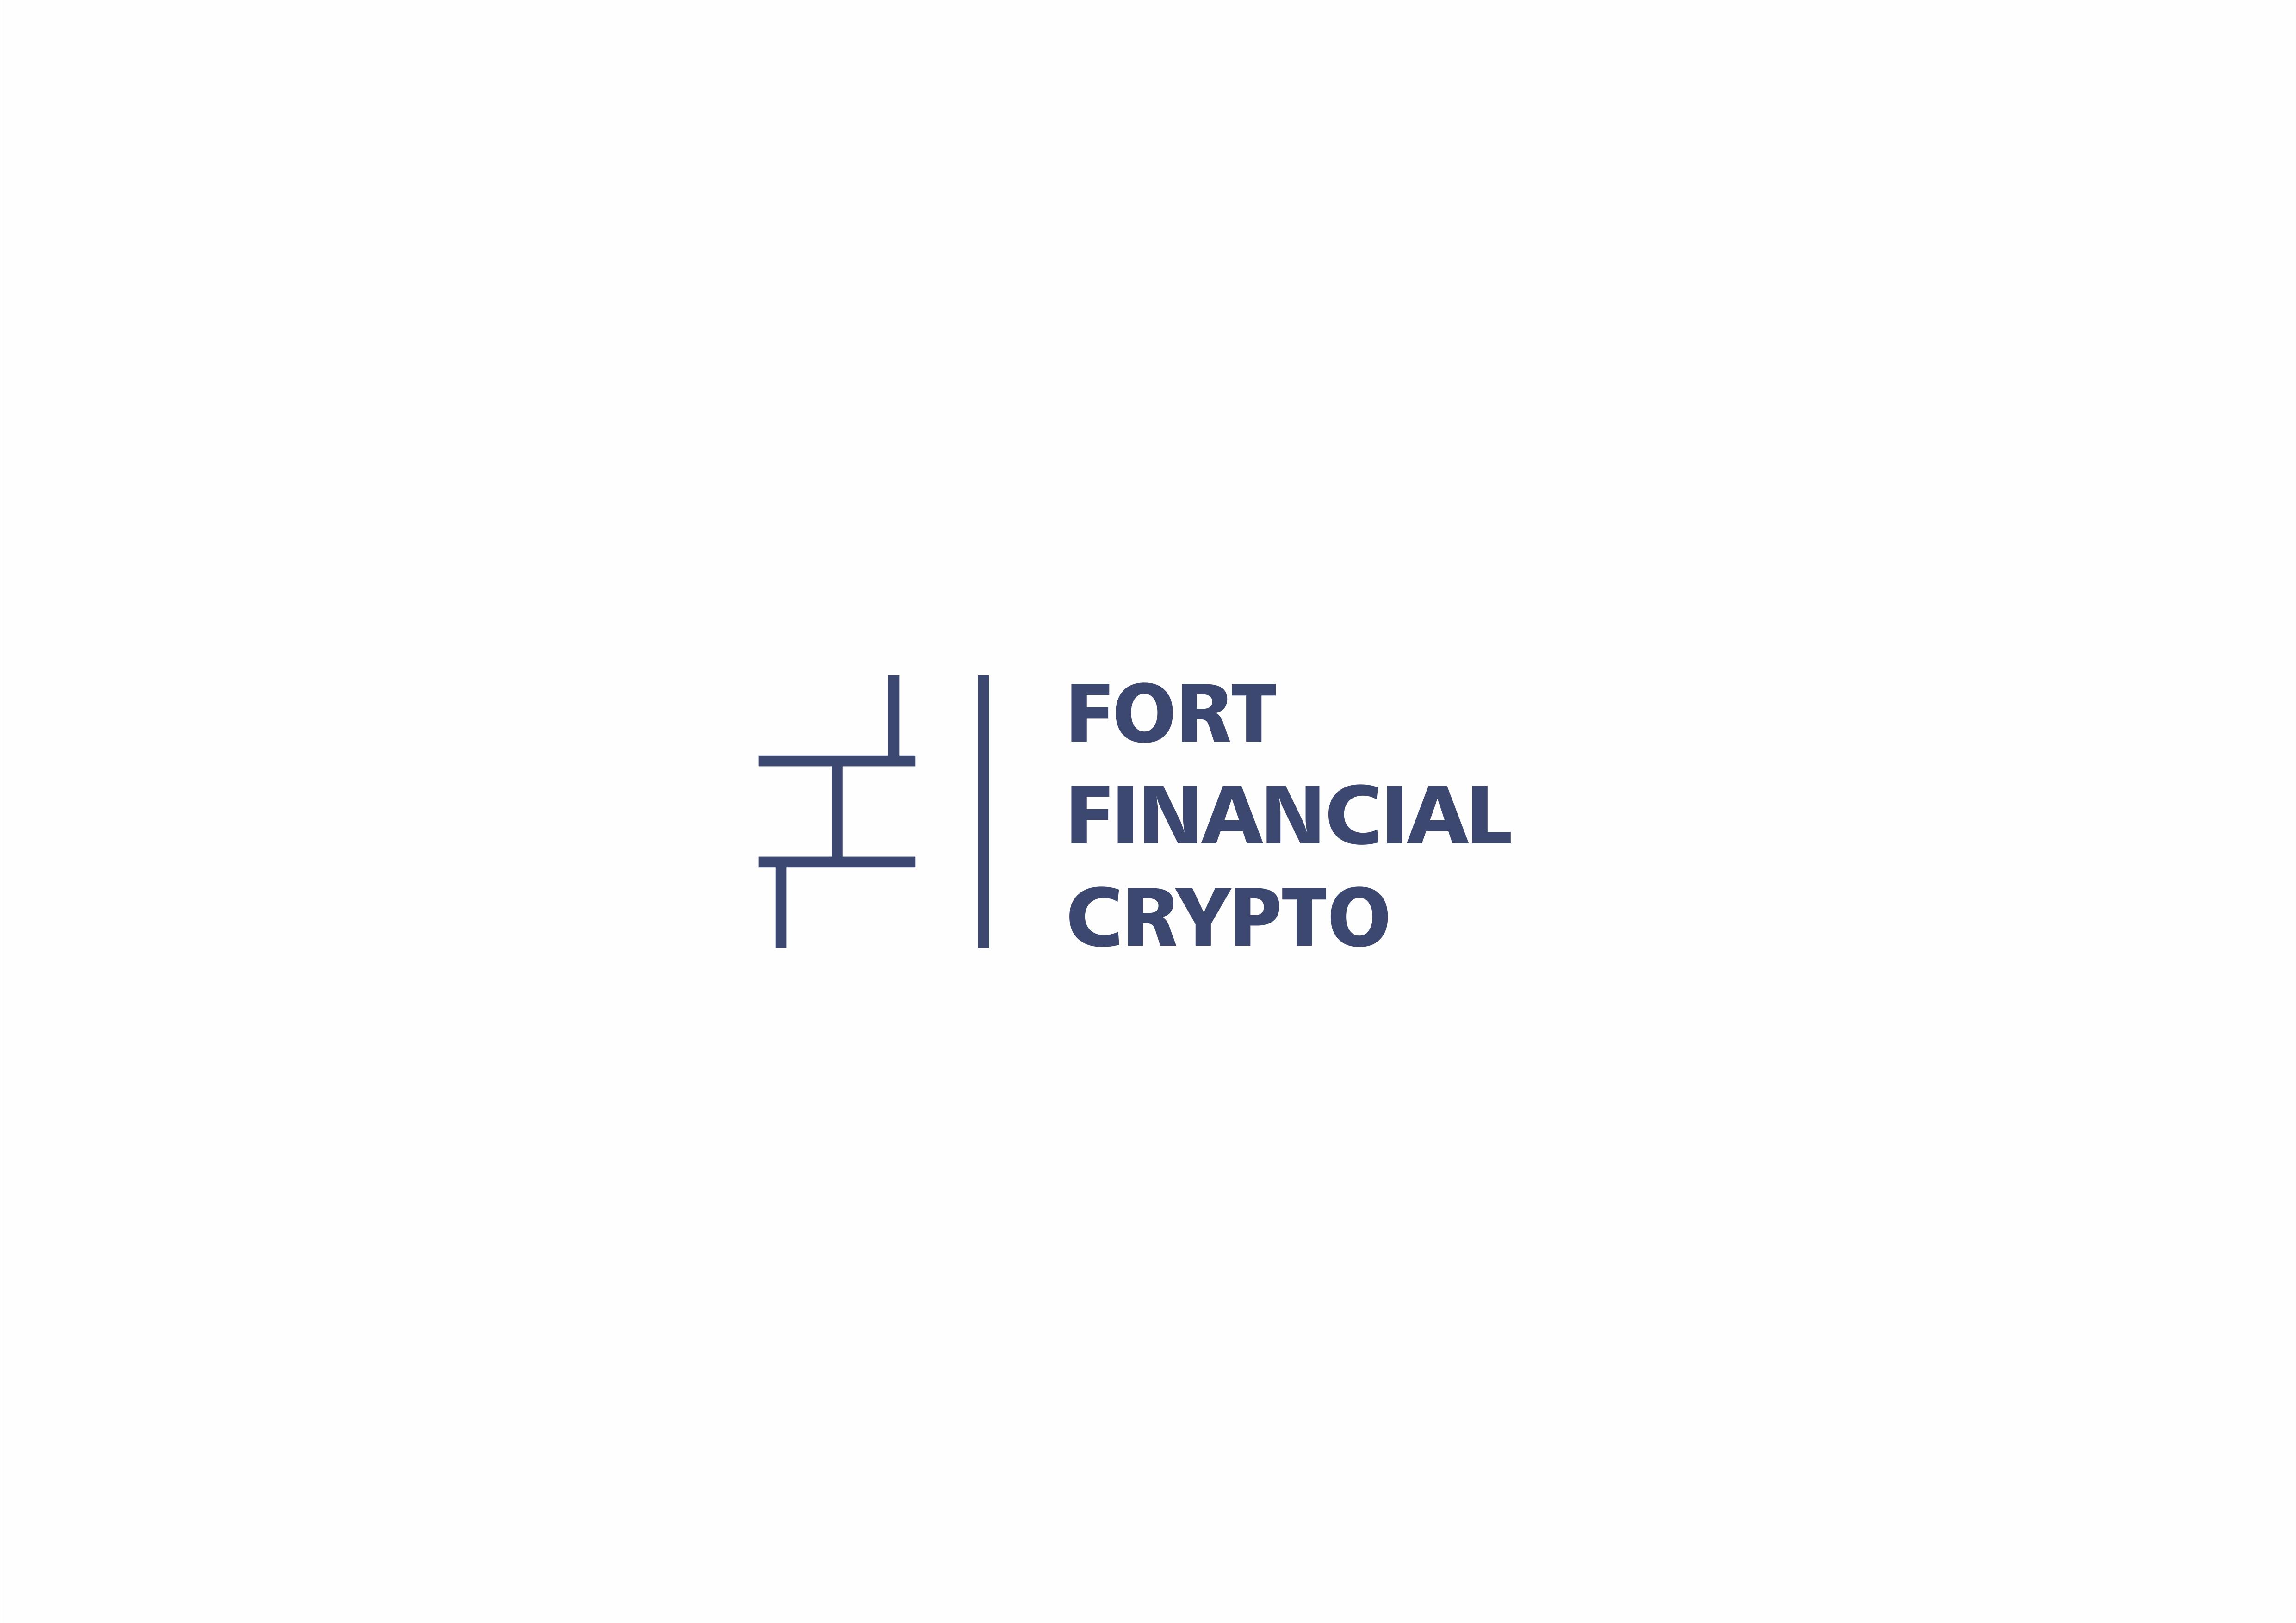 Разработка логотипа финансовой компании фото f_9745a8ec9d3b96d6.png